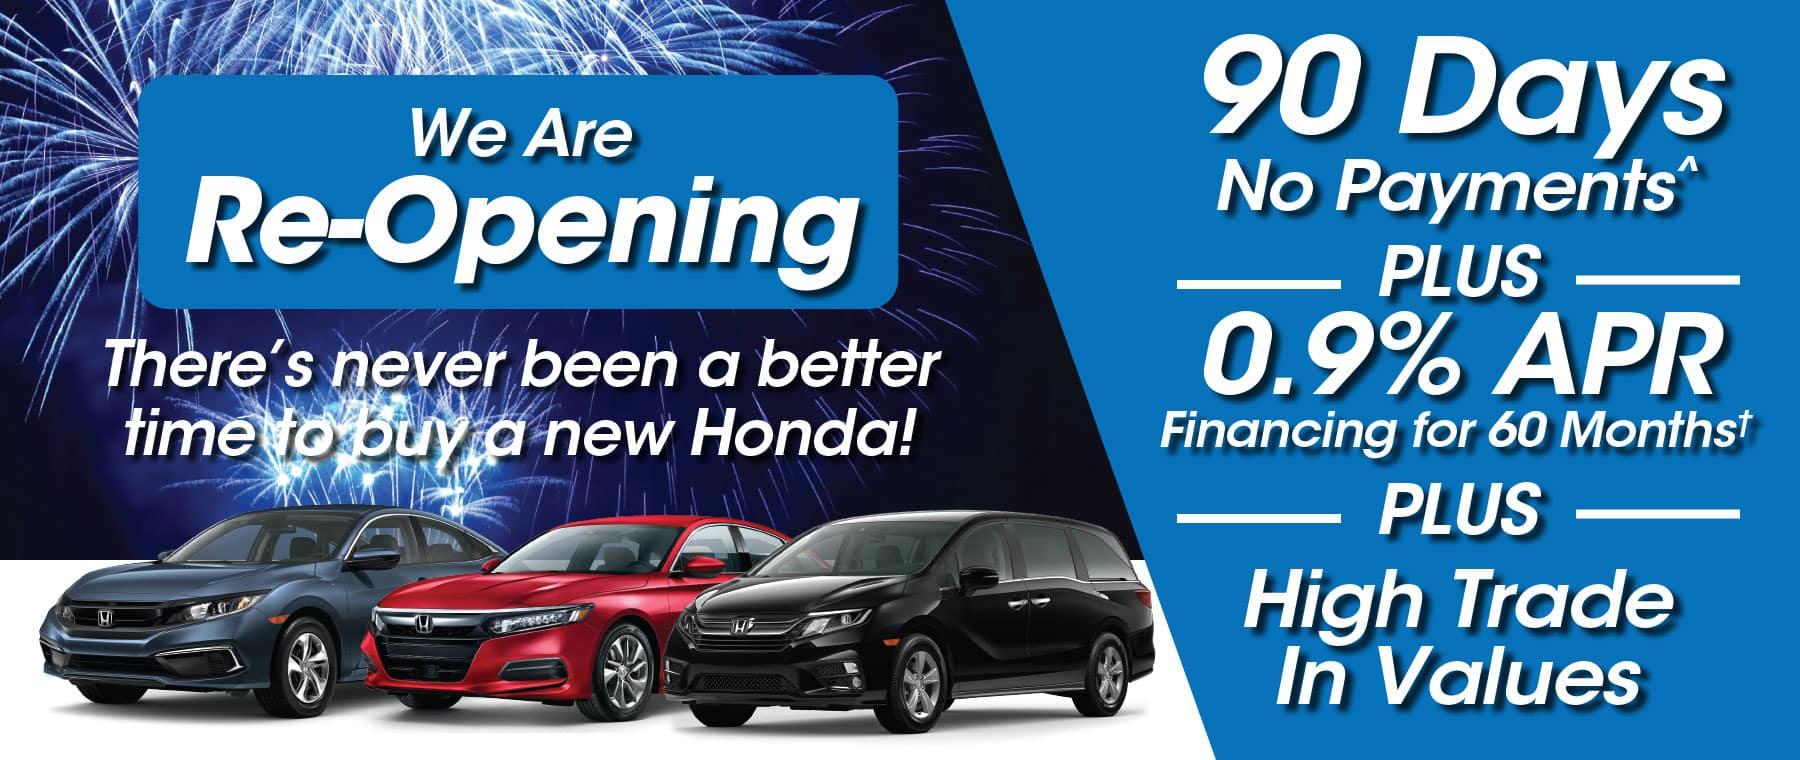 Honda Of New Rochelle New Used Ny Car Dealer Near The Bronx